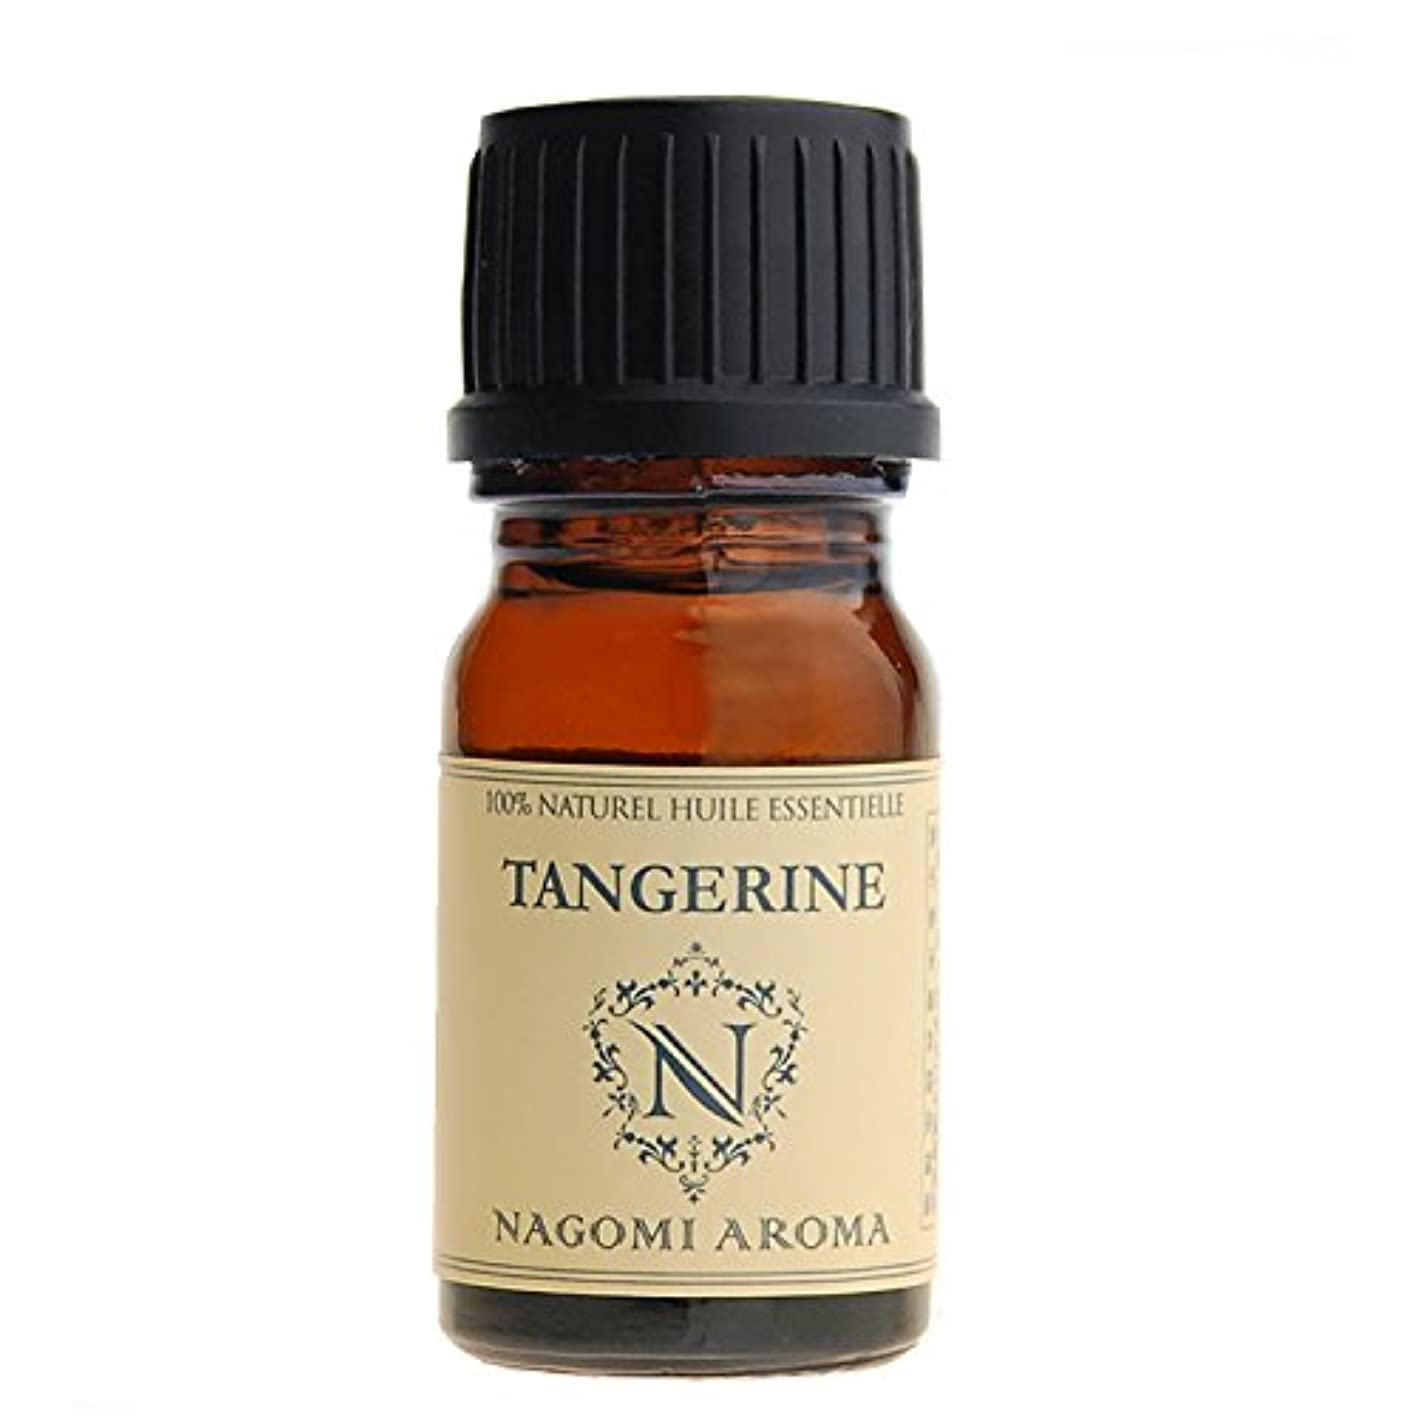 パトロールループ年次【AEAJ認定表示基準認定精油】NAGOMI PURE タンジェリン 5ml 【エッセンシャルオイル】【精油】【アロマオイル】|CONVOILs